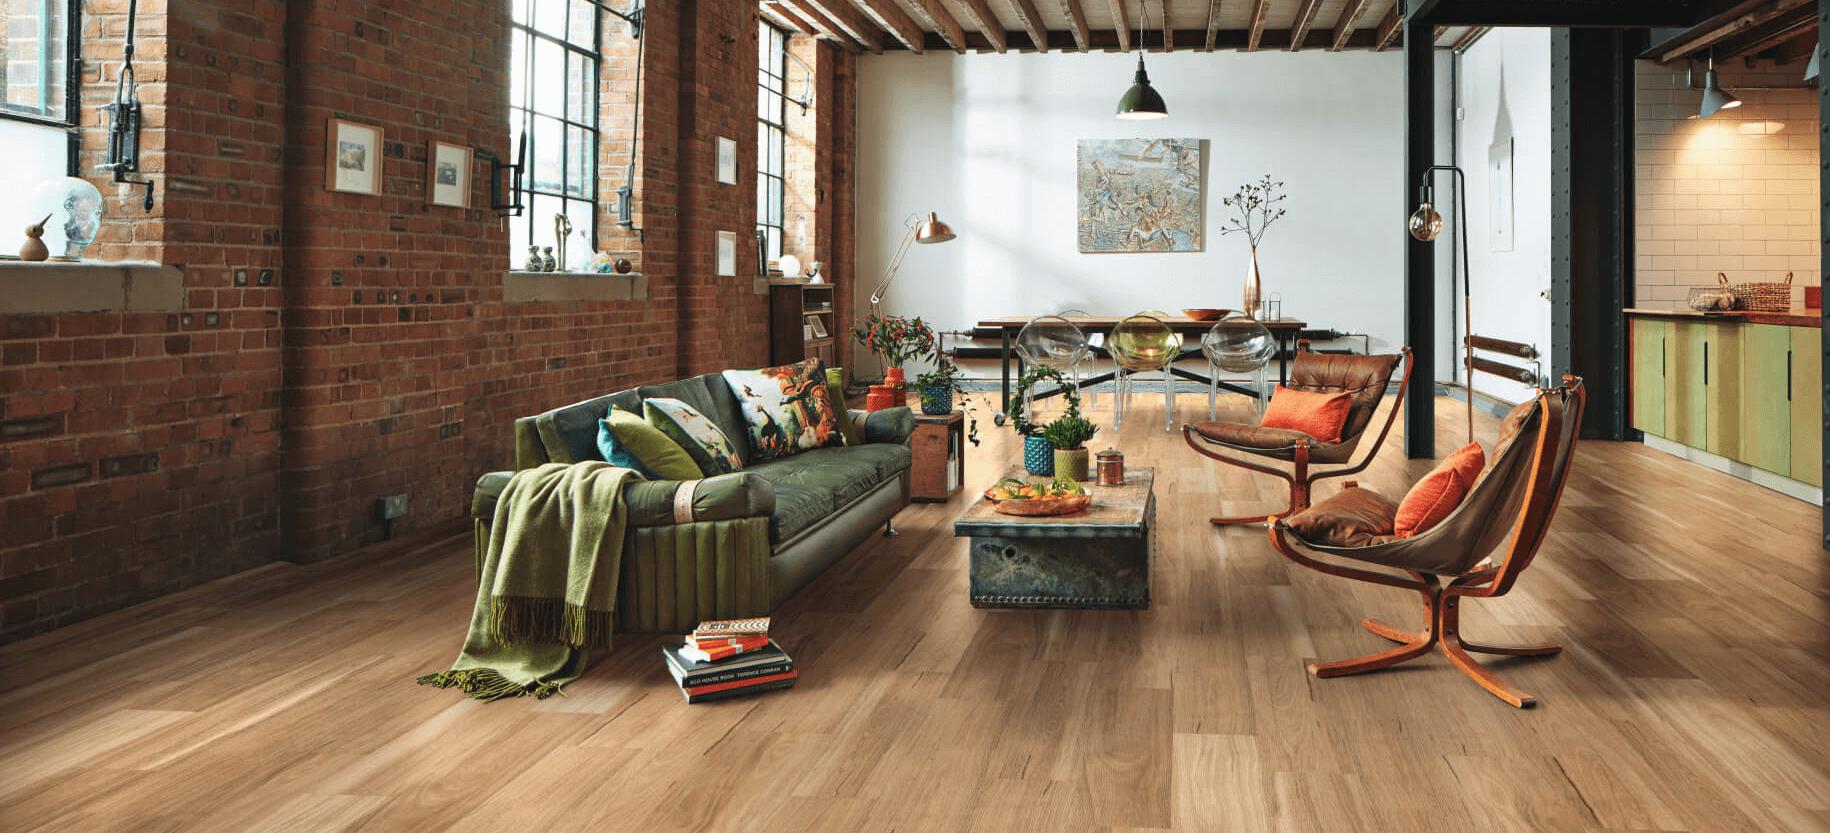 Hybrid Flooring in Geelong